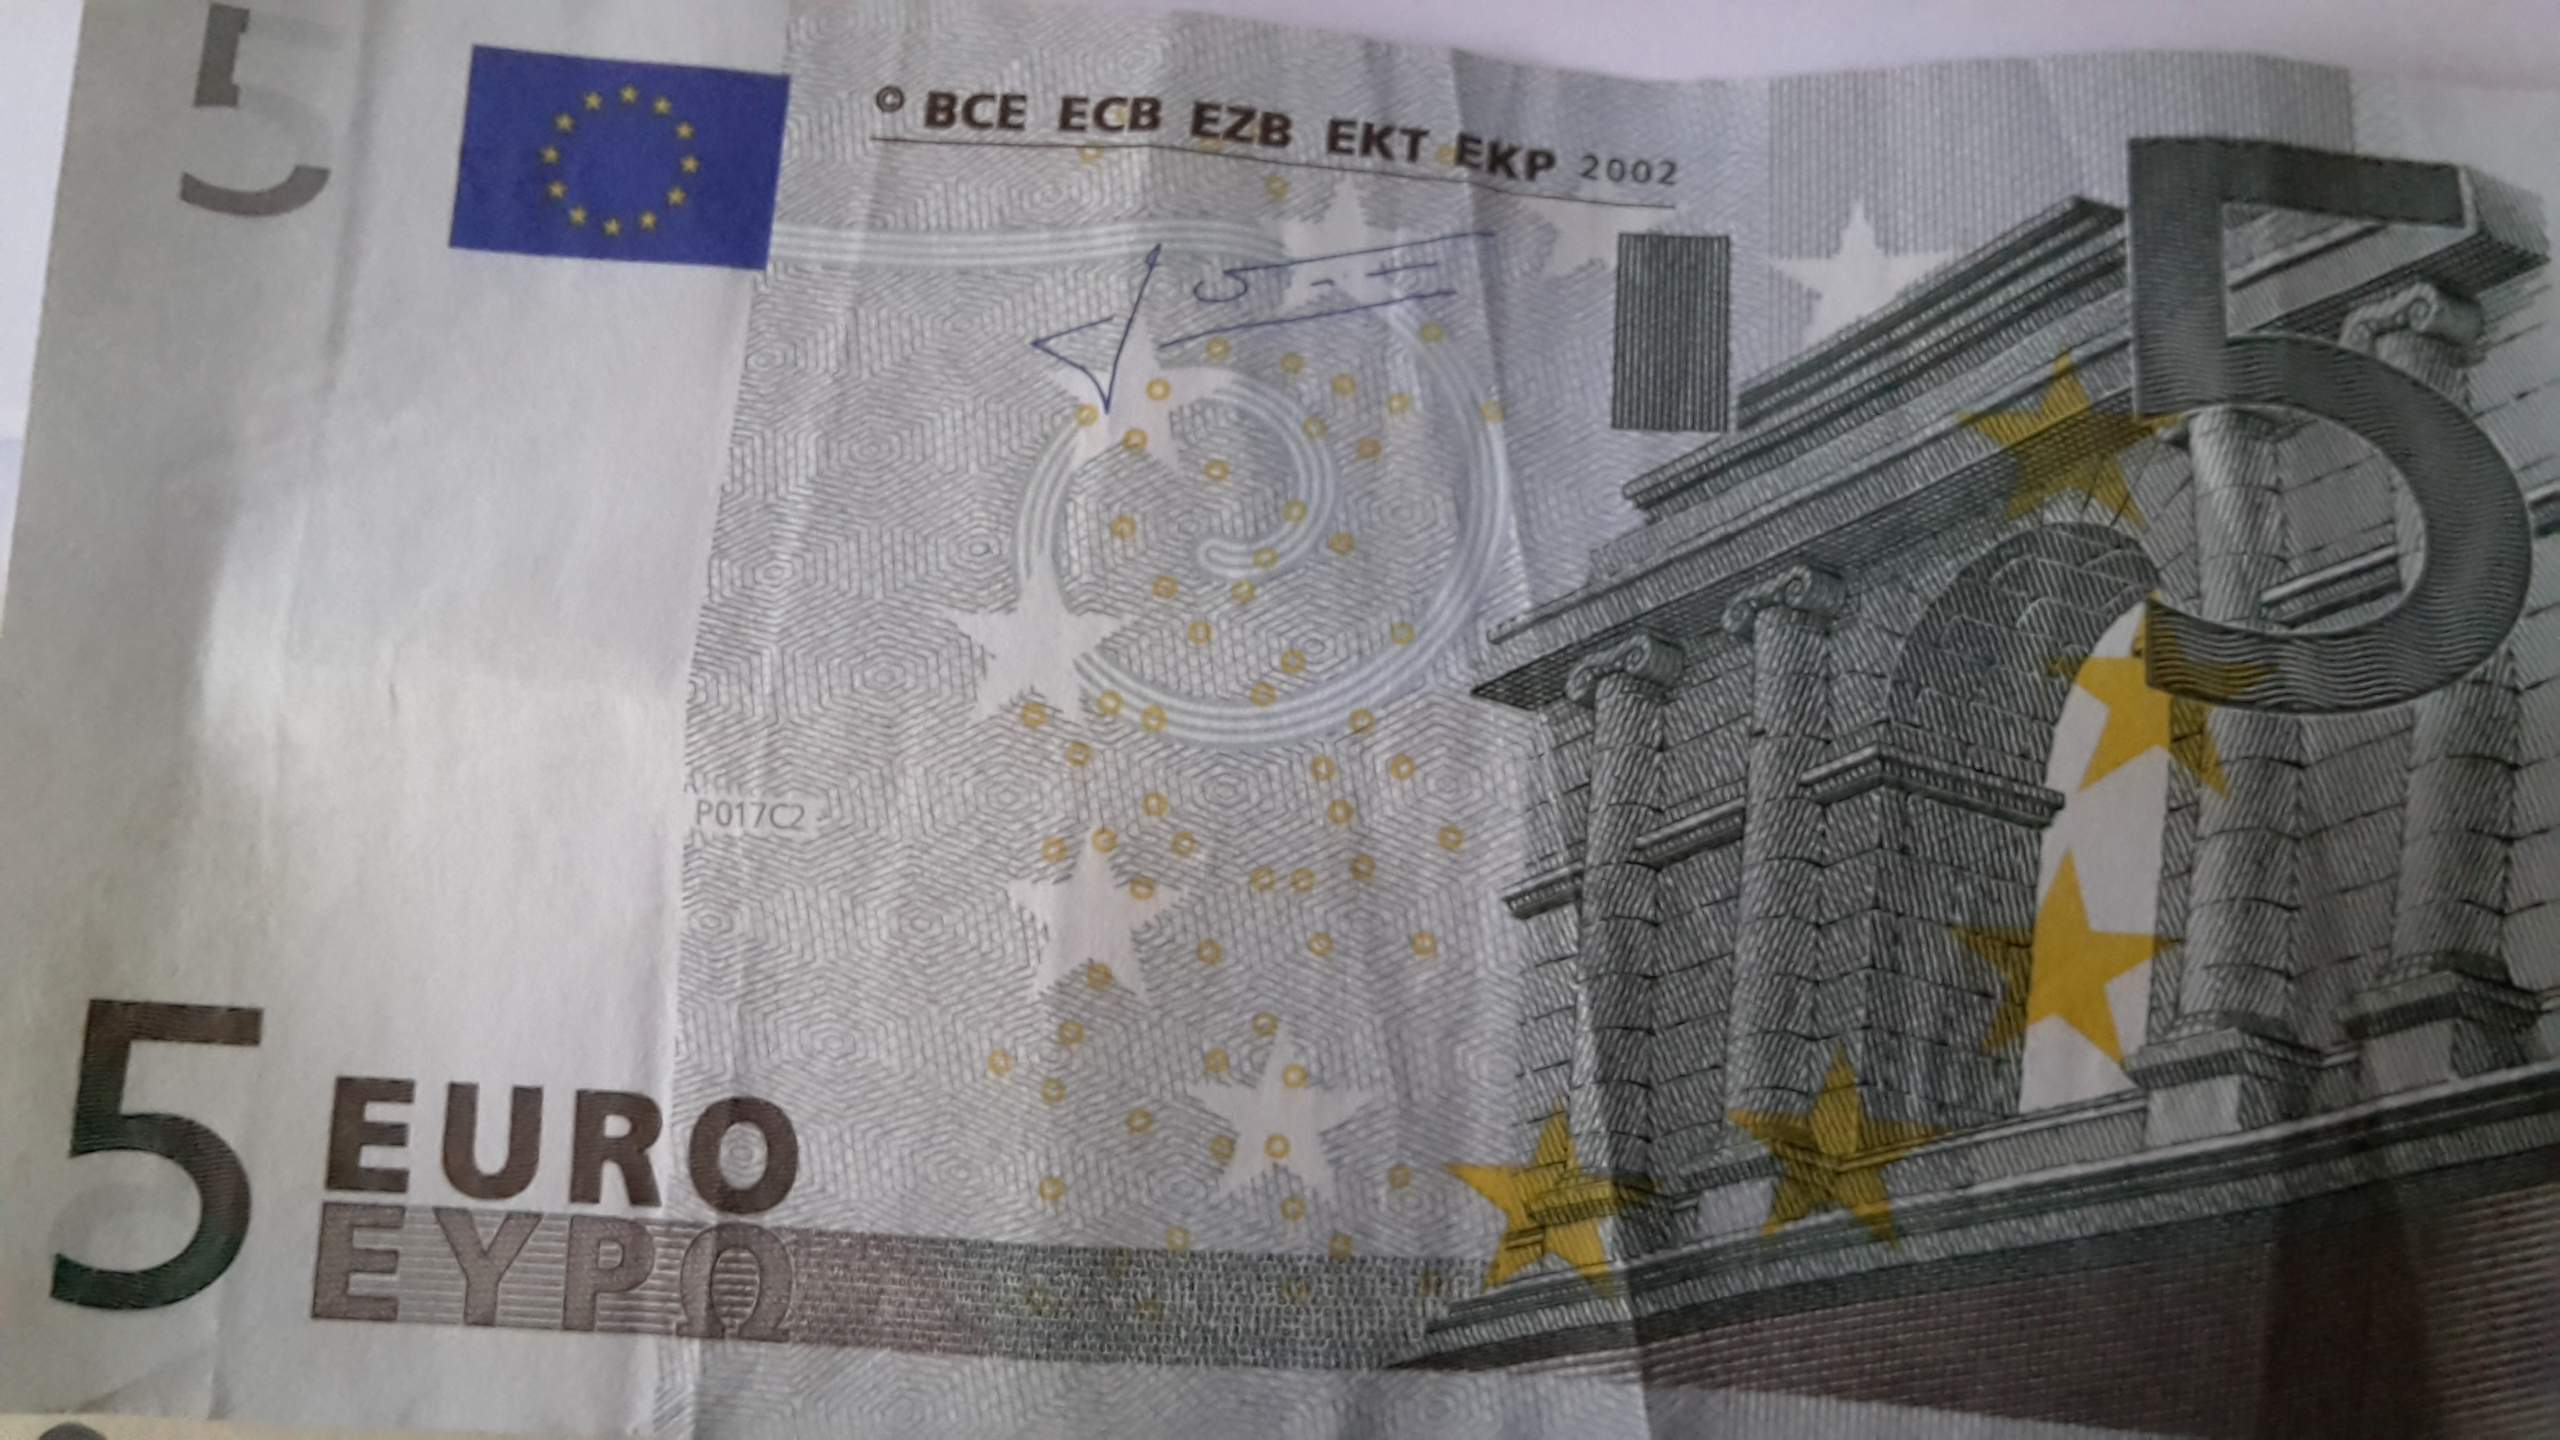 Wie lange kann ich noch mit dem älteren 5 Euro Schein